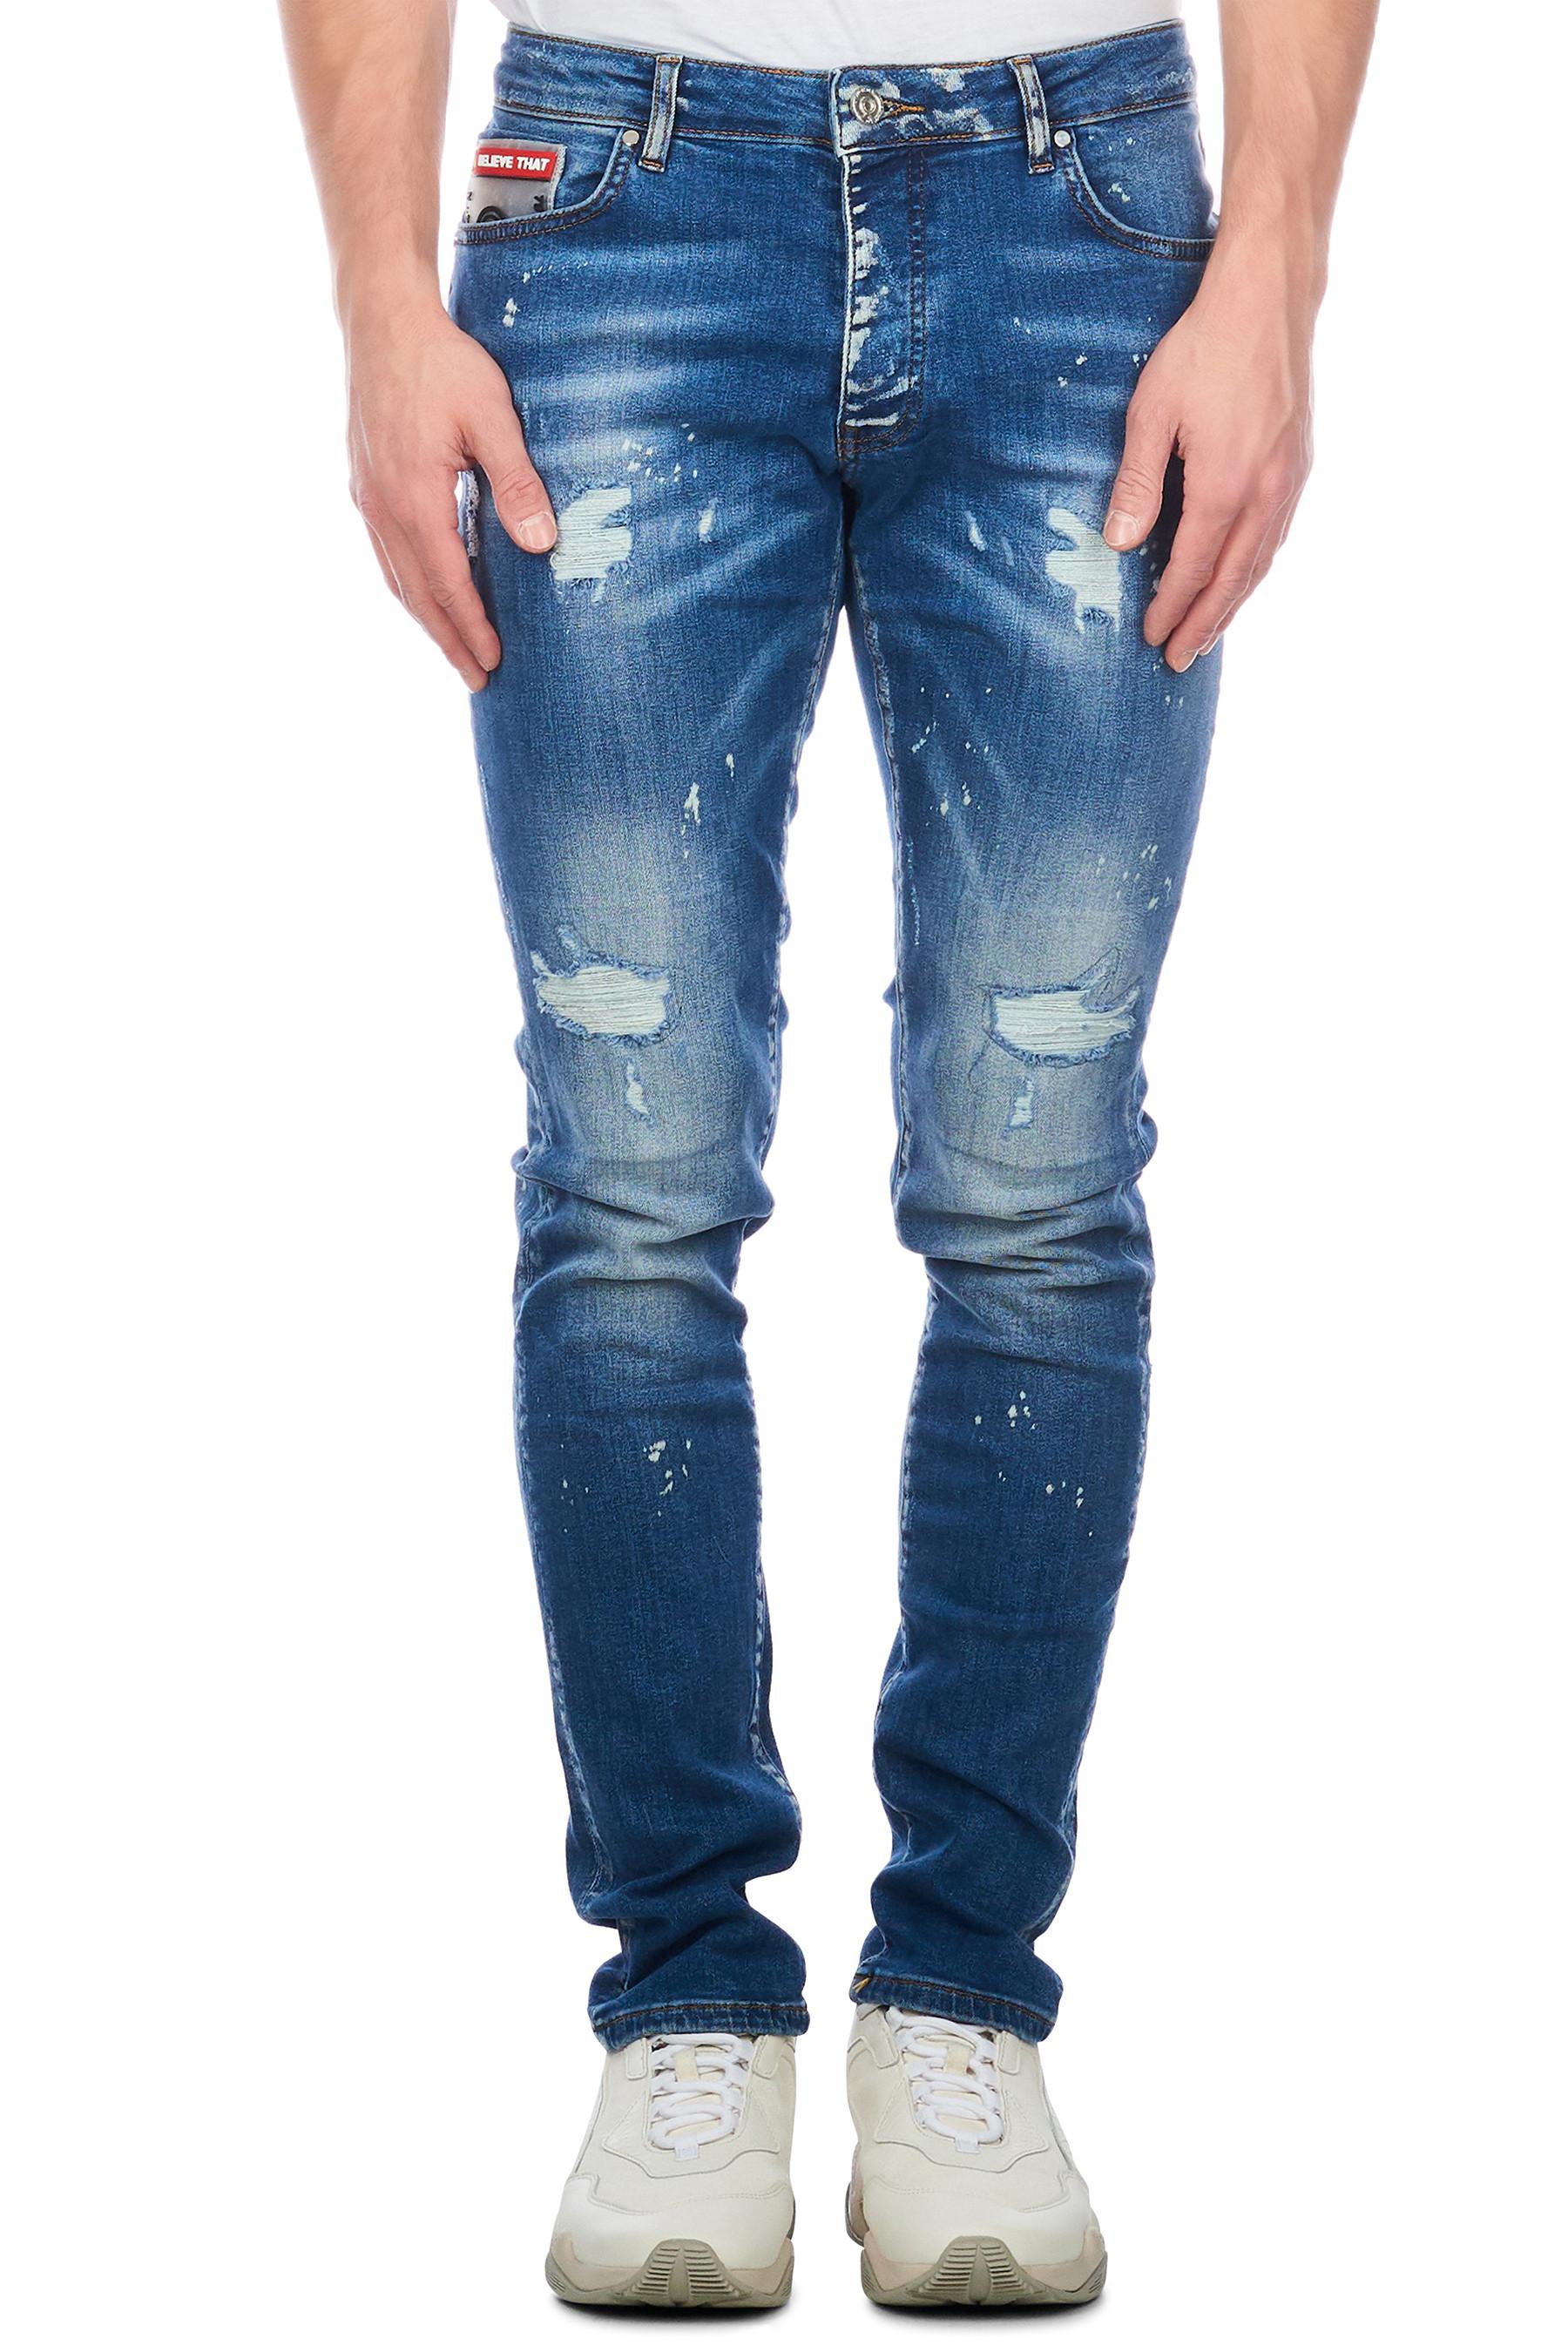 Afbeelding van Believe That Voyage jeans – blauw denim